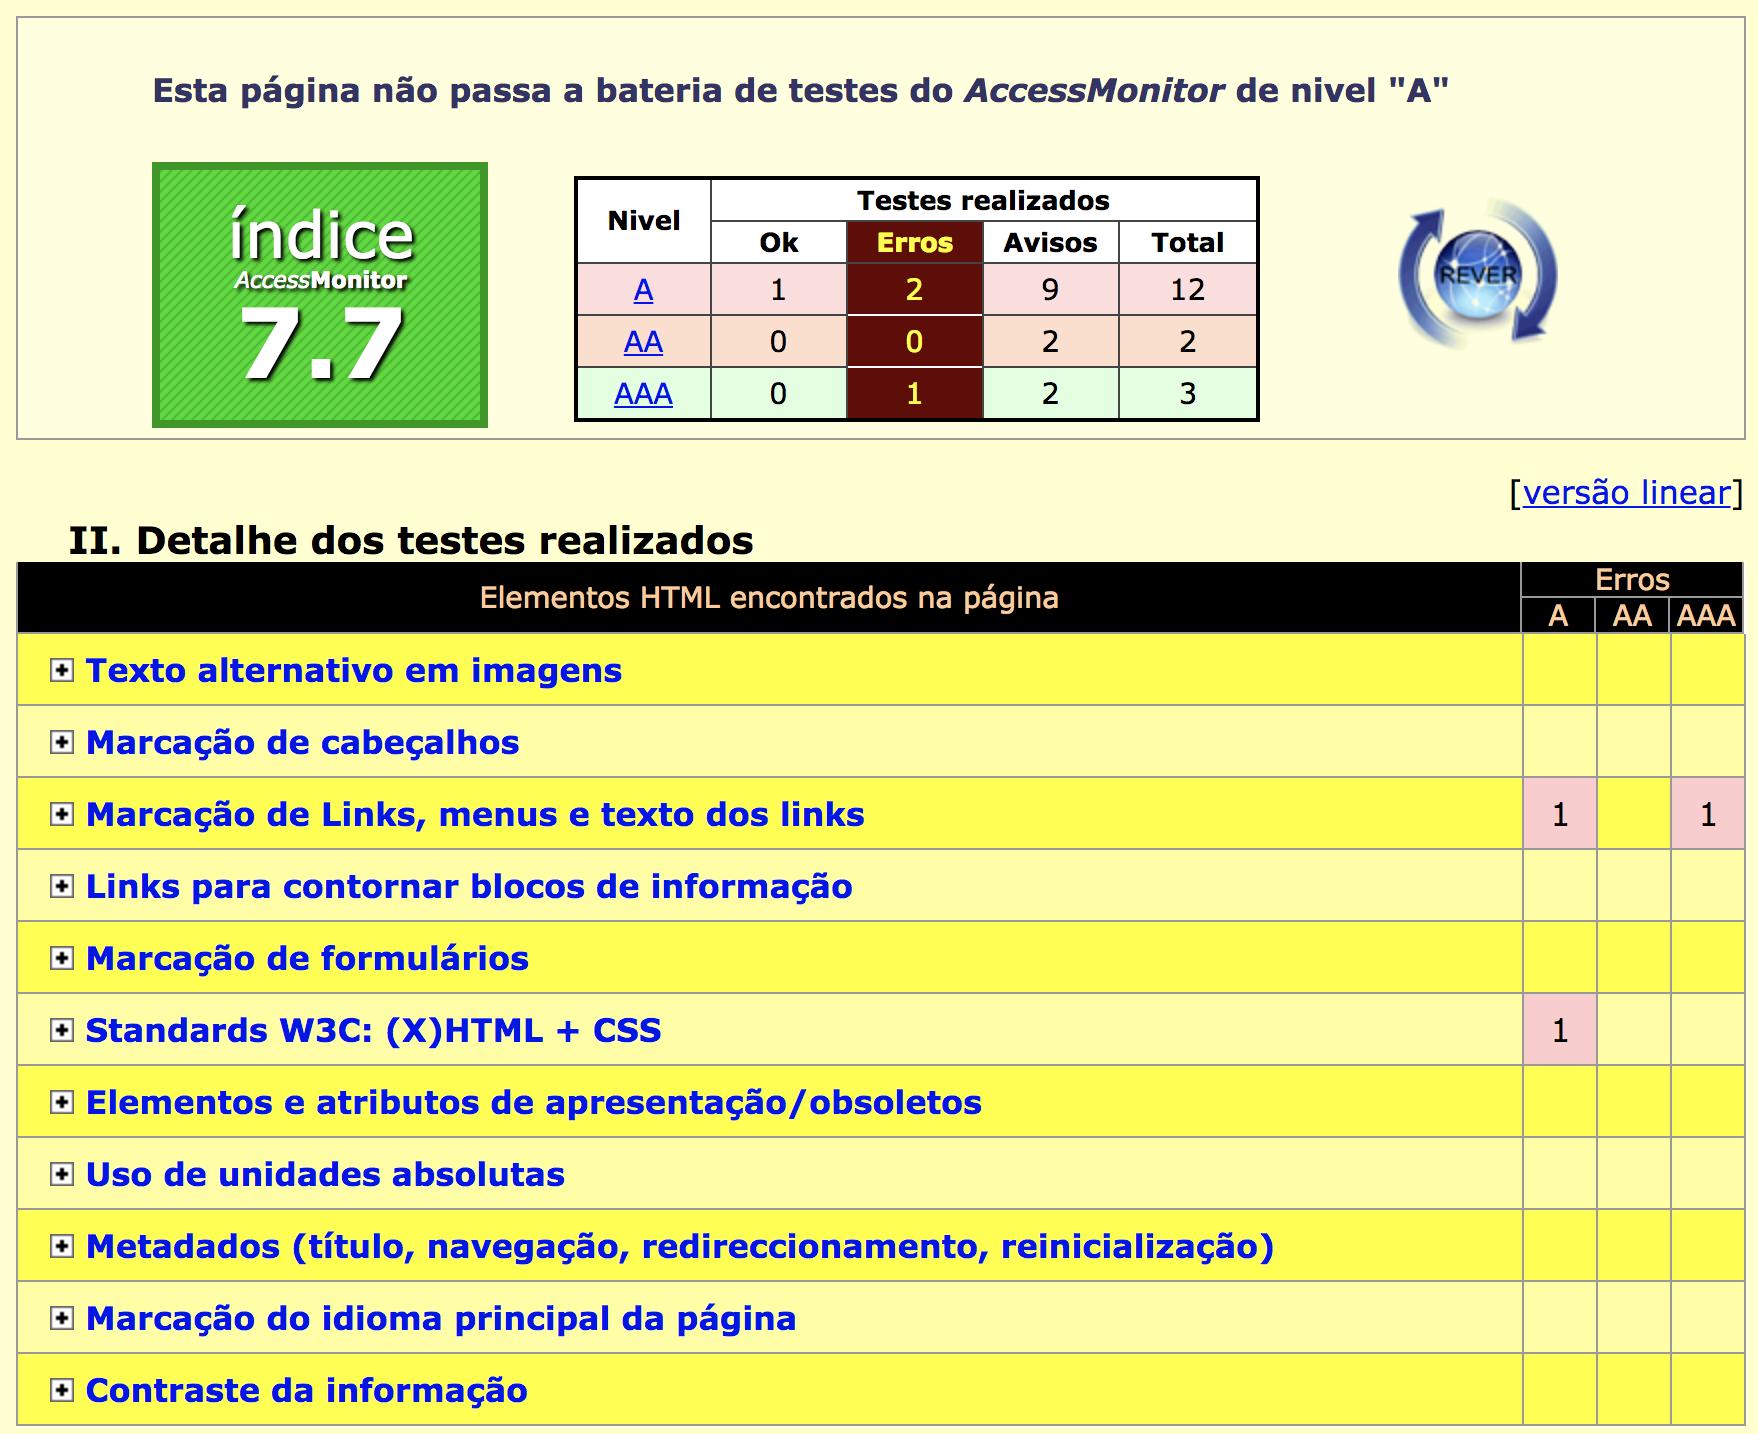 Exemplo de página web testada com o AccessMonitor. Os resultados dos testes realizados encontram-se em uma tabela, que mostra a quantidade de erros encontrados, avisos, elementos acessíveis e total de elementos testados. Há também uma relação de elementos HTML encontrados na página, e os erros correspondentes